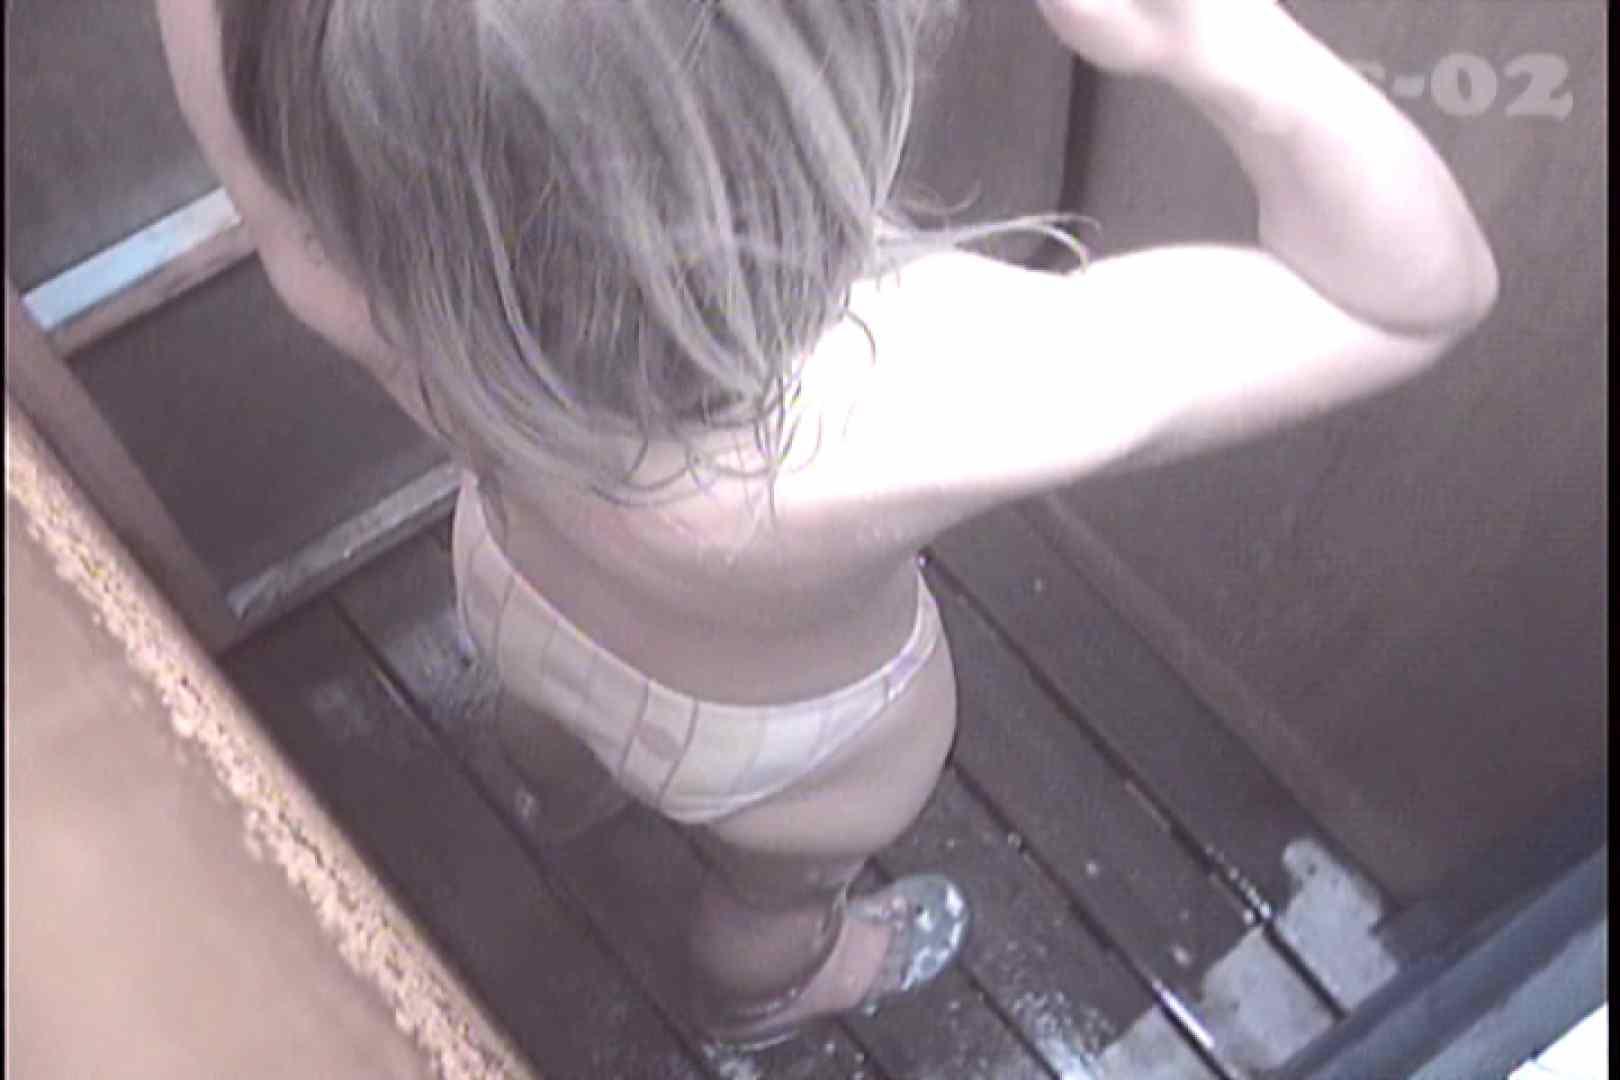 File.09 貧乳そして大きな乳首のお姉さん おしり エロ画像 54画像 29